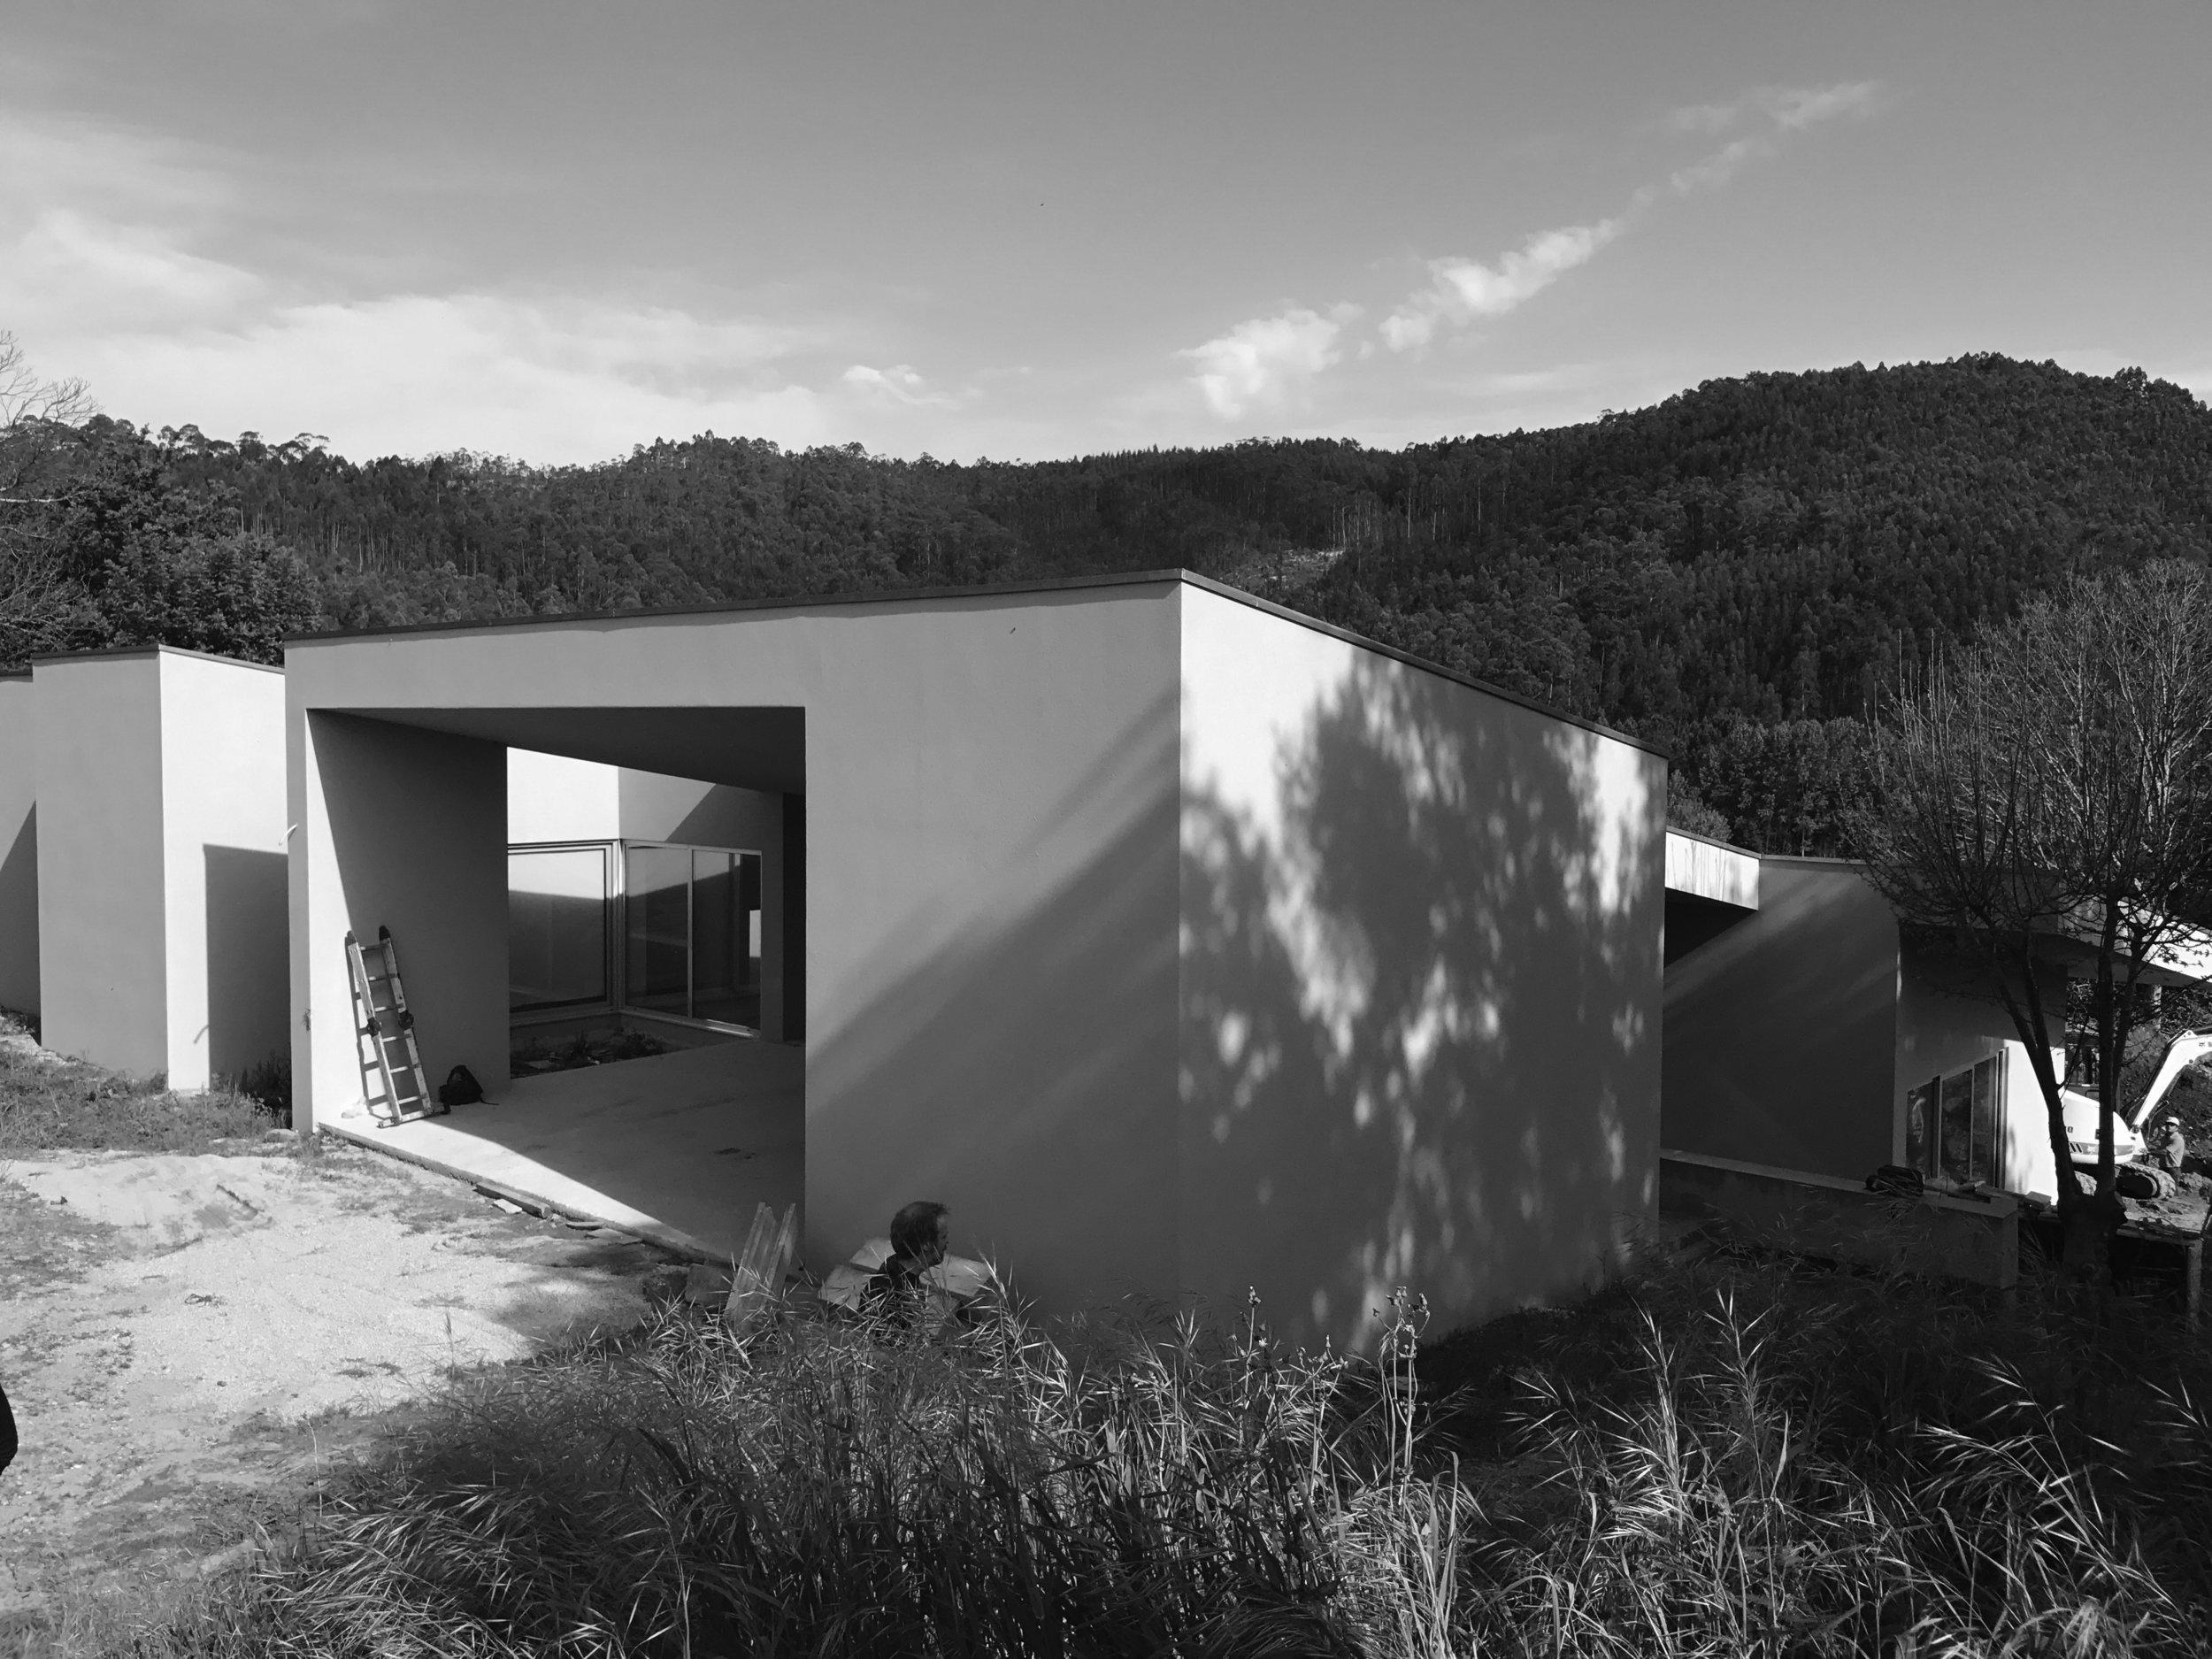 Moradia S+N - arquitectura - arquitectos - porto - oliveira de azemeis - construção - projecto - eva evolutionary architecture (1).jpg